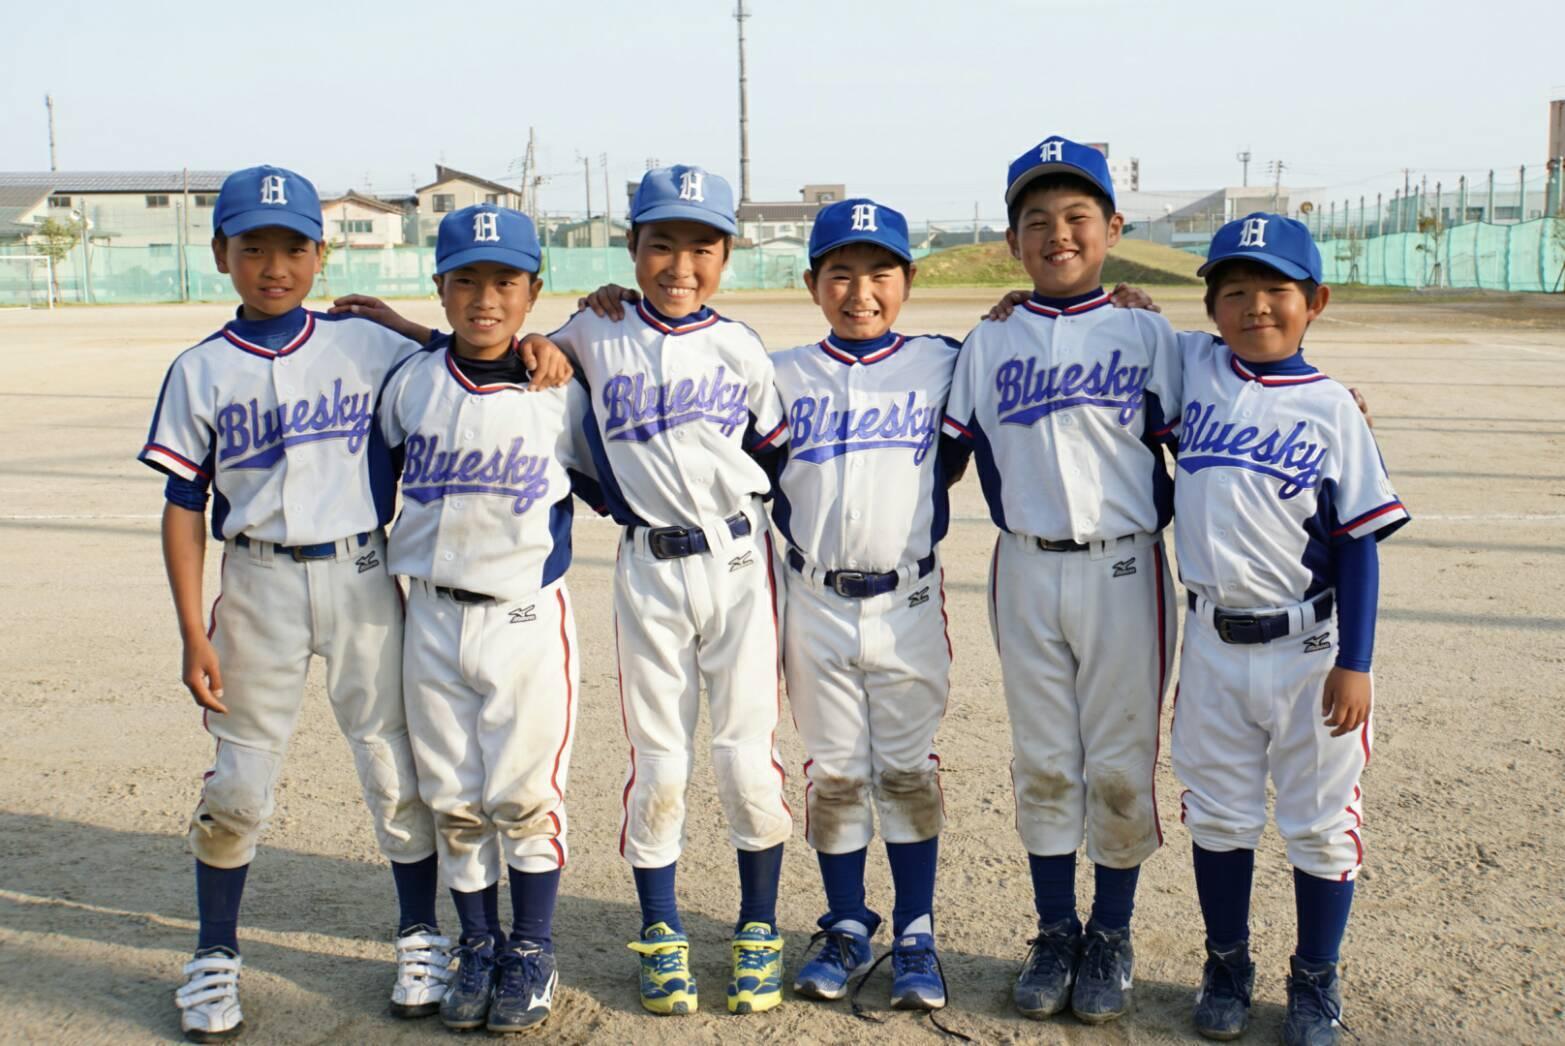 第36回ライオンズクラブ旗争奪長岡市少年野球大会結果です!_b0095176_09003104.jpeg